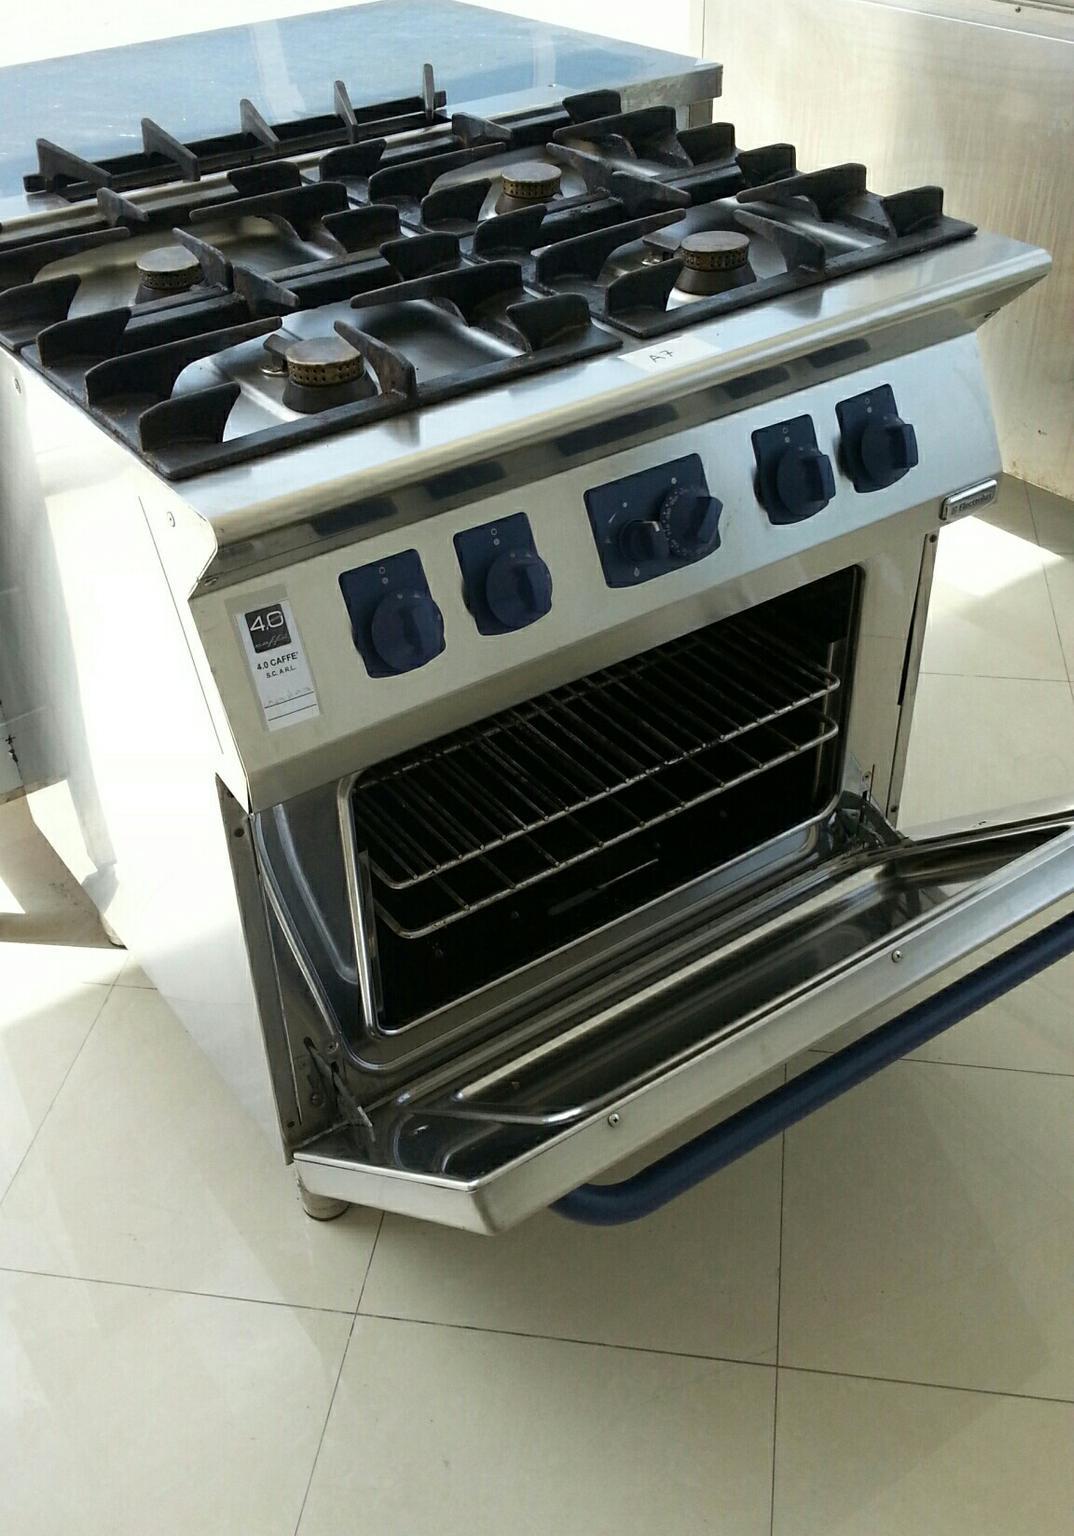 Cucine A Gas Professionali Usate.Cucina Gas 4 Fuochi Con Forno Gas